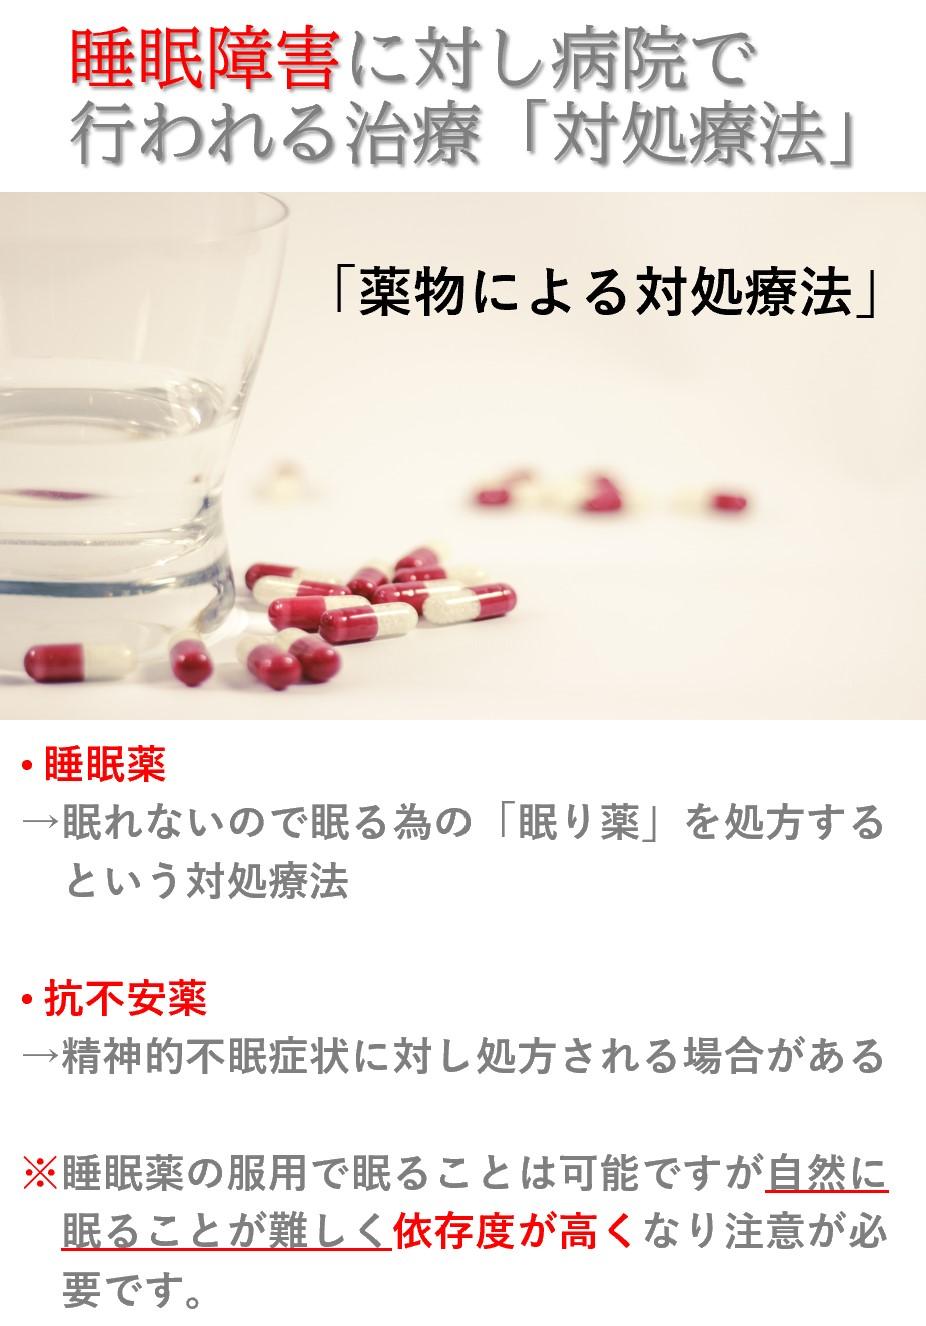 睡眠障害の西洋医学的治療「薬物療法」